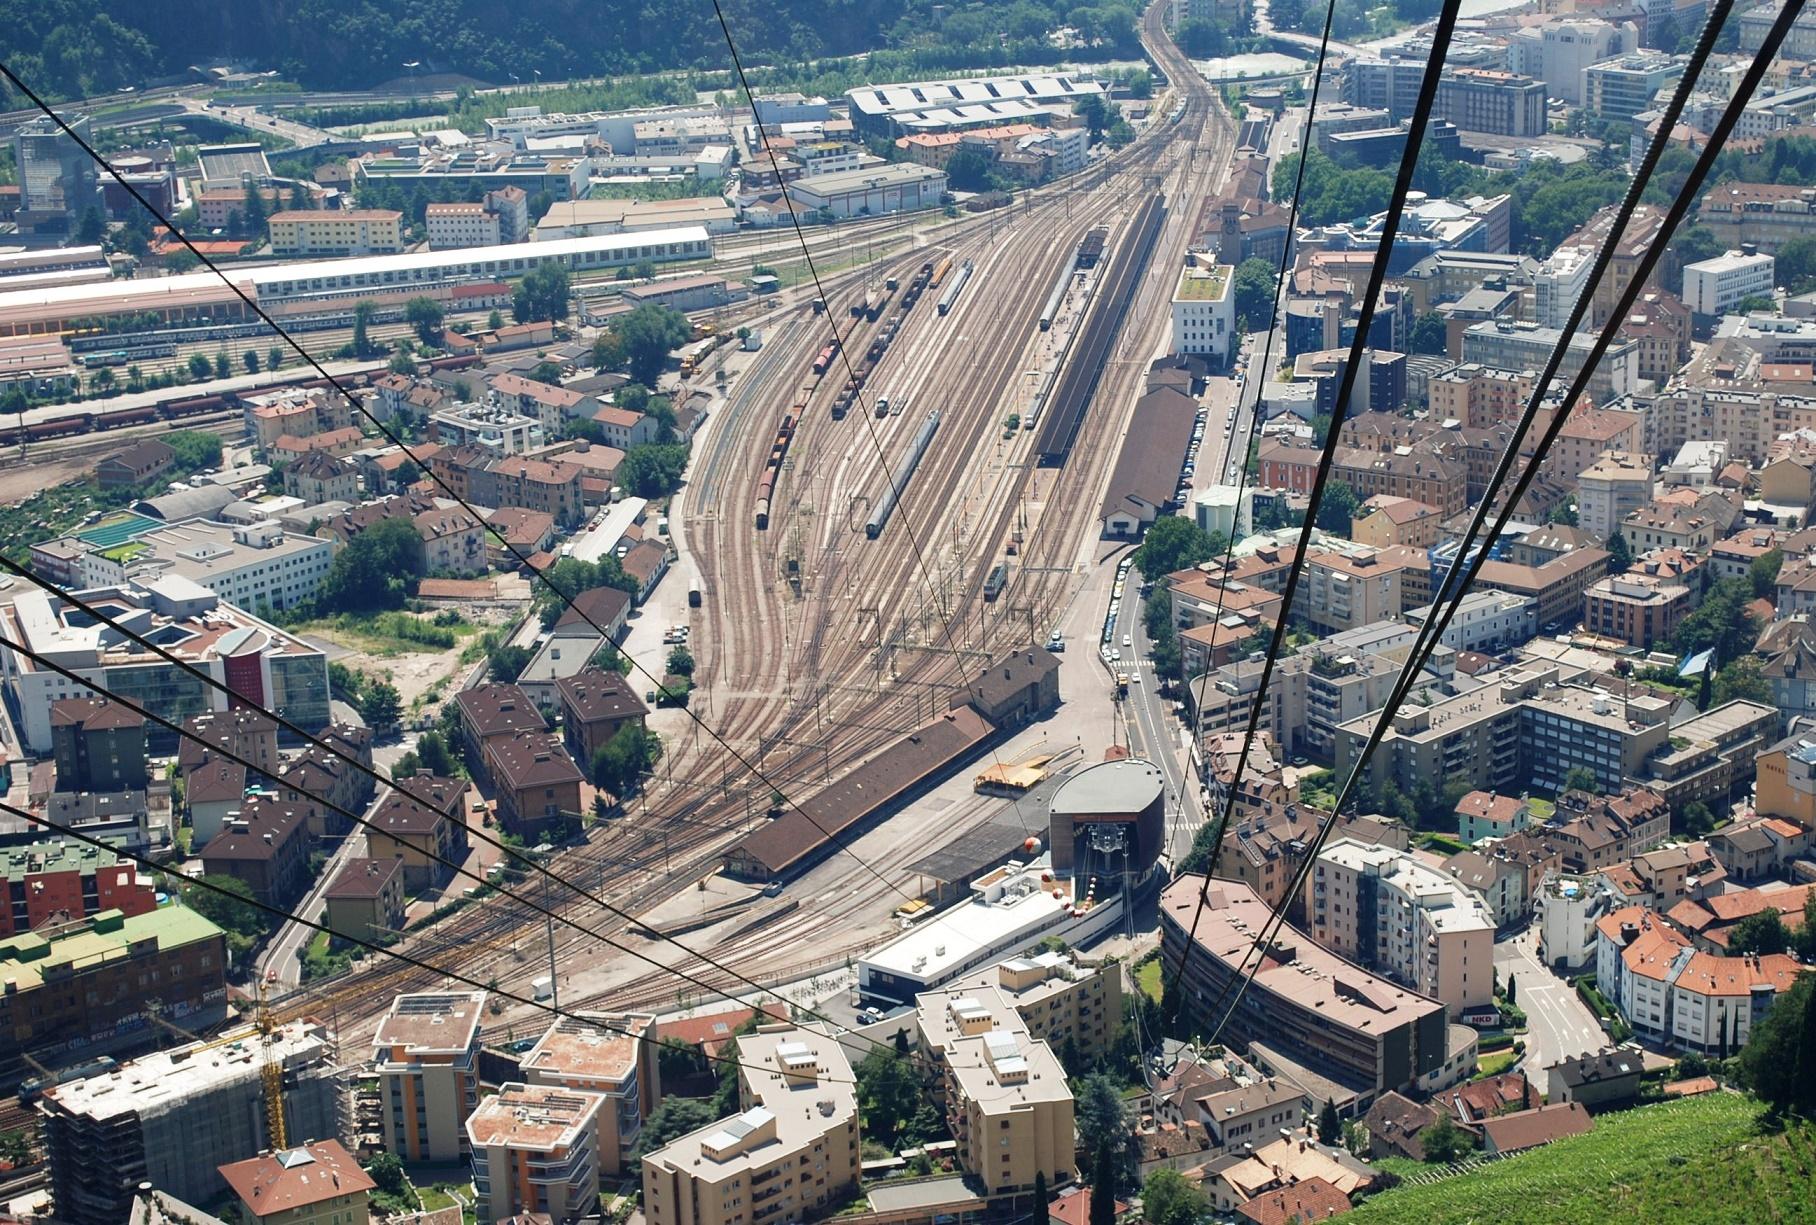 areale ferroviario